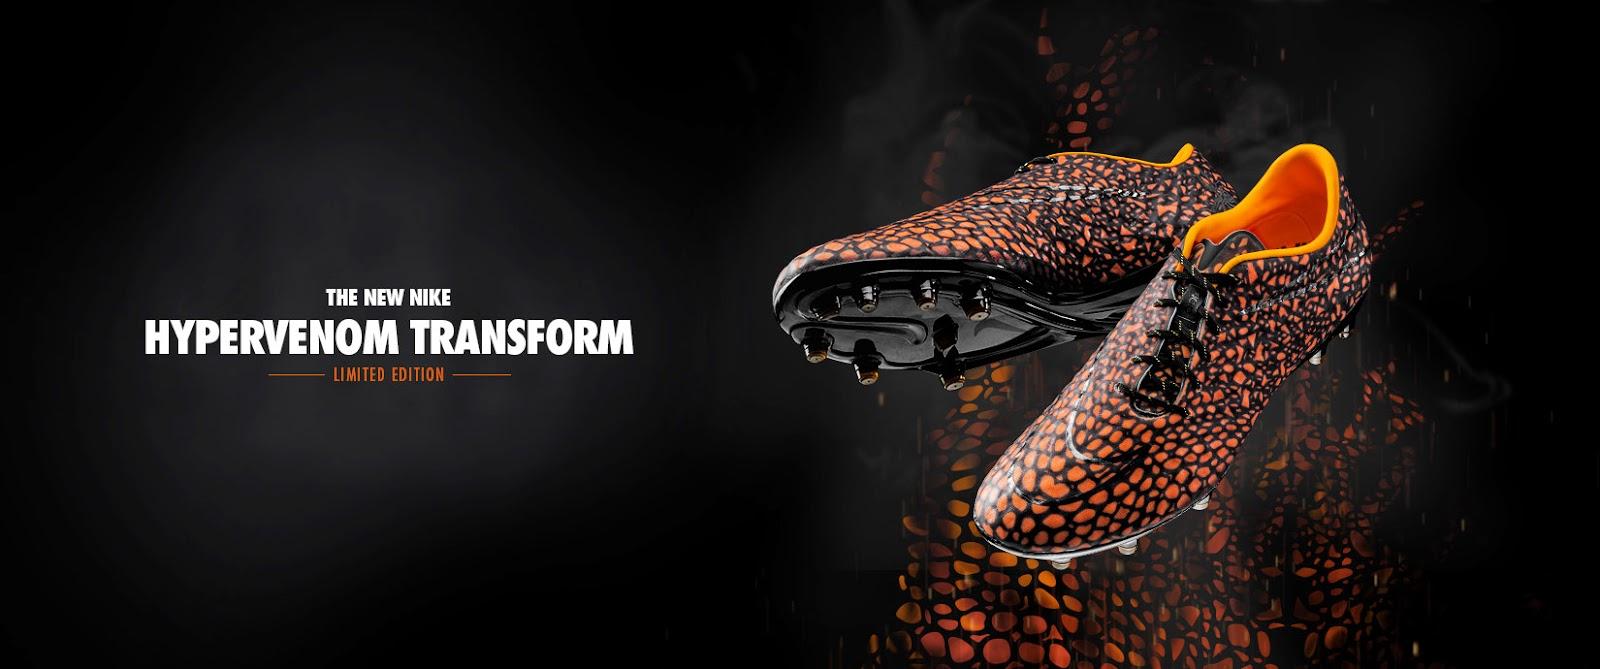 Prodotta In Transform Nike Hypervenom La Lancia Edizione Scarpa waqRUP